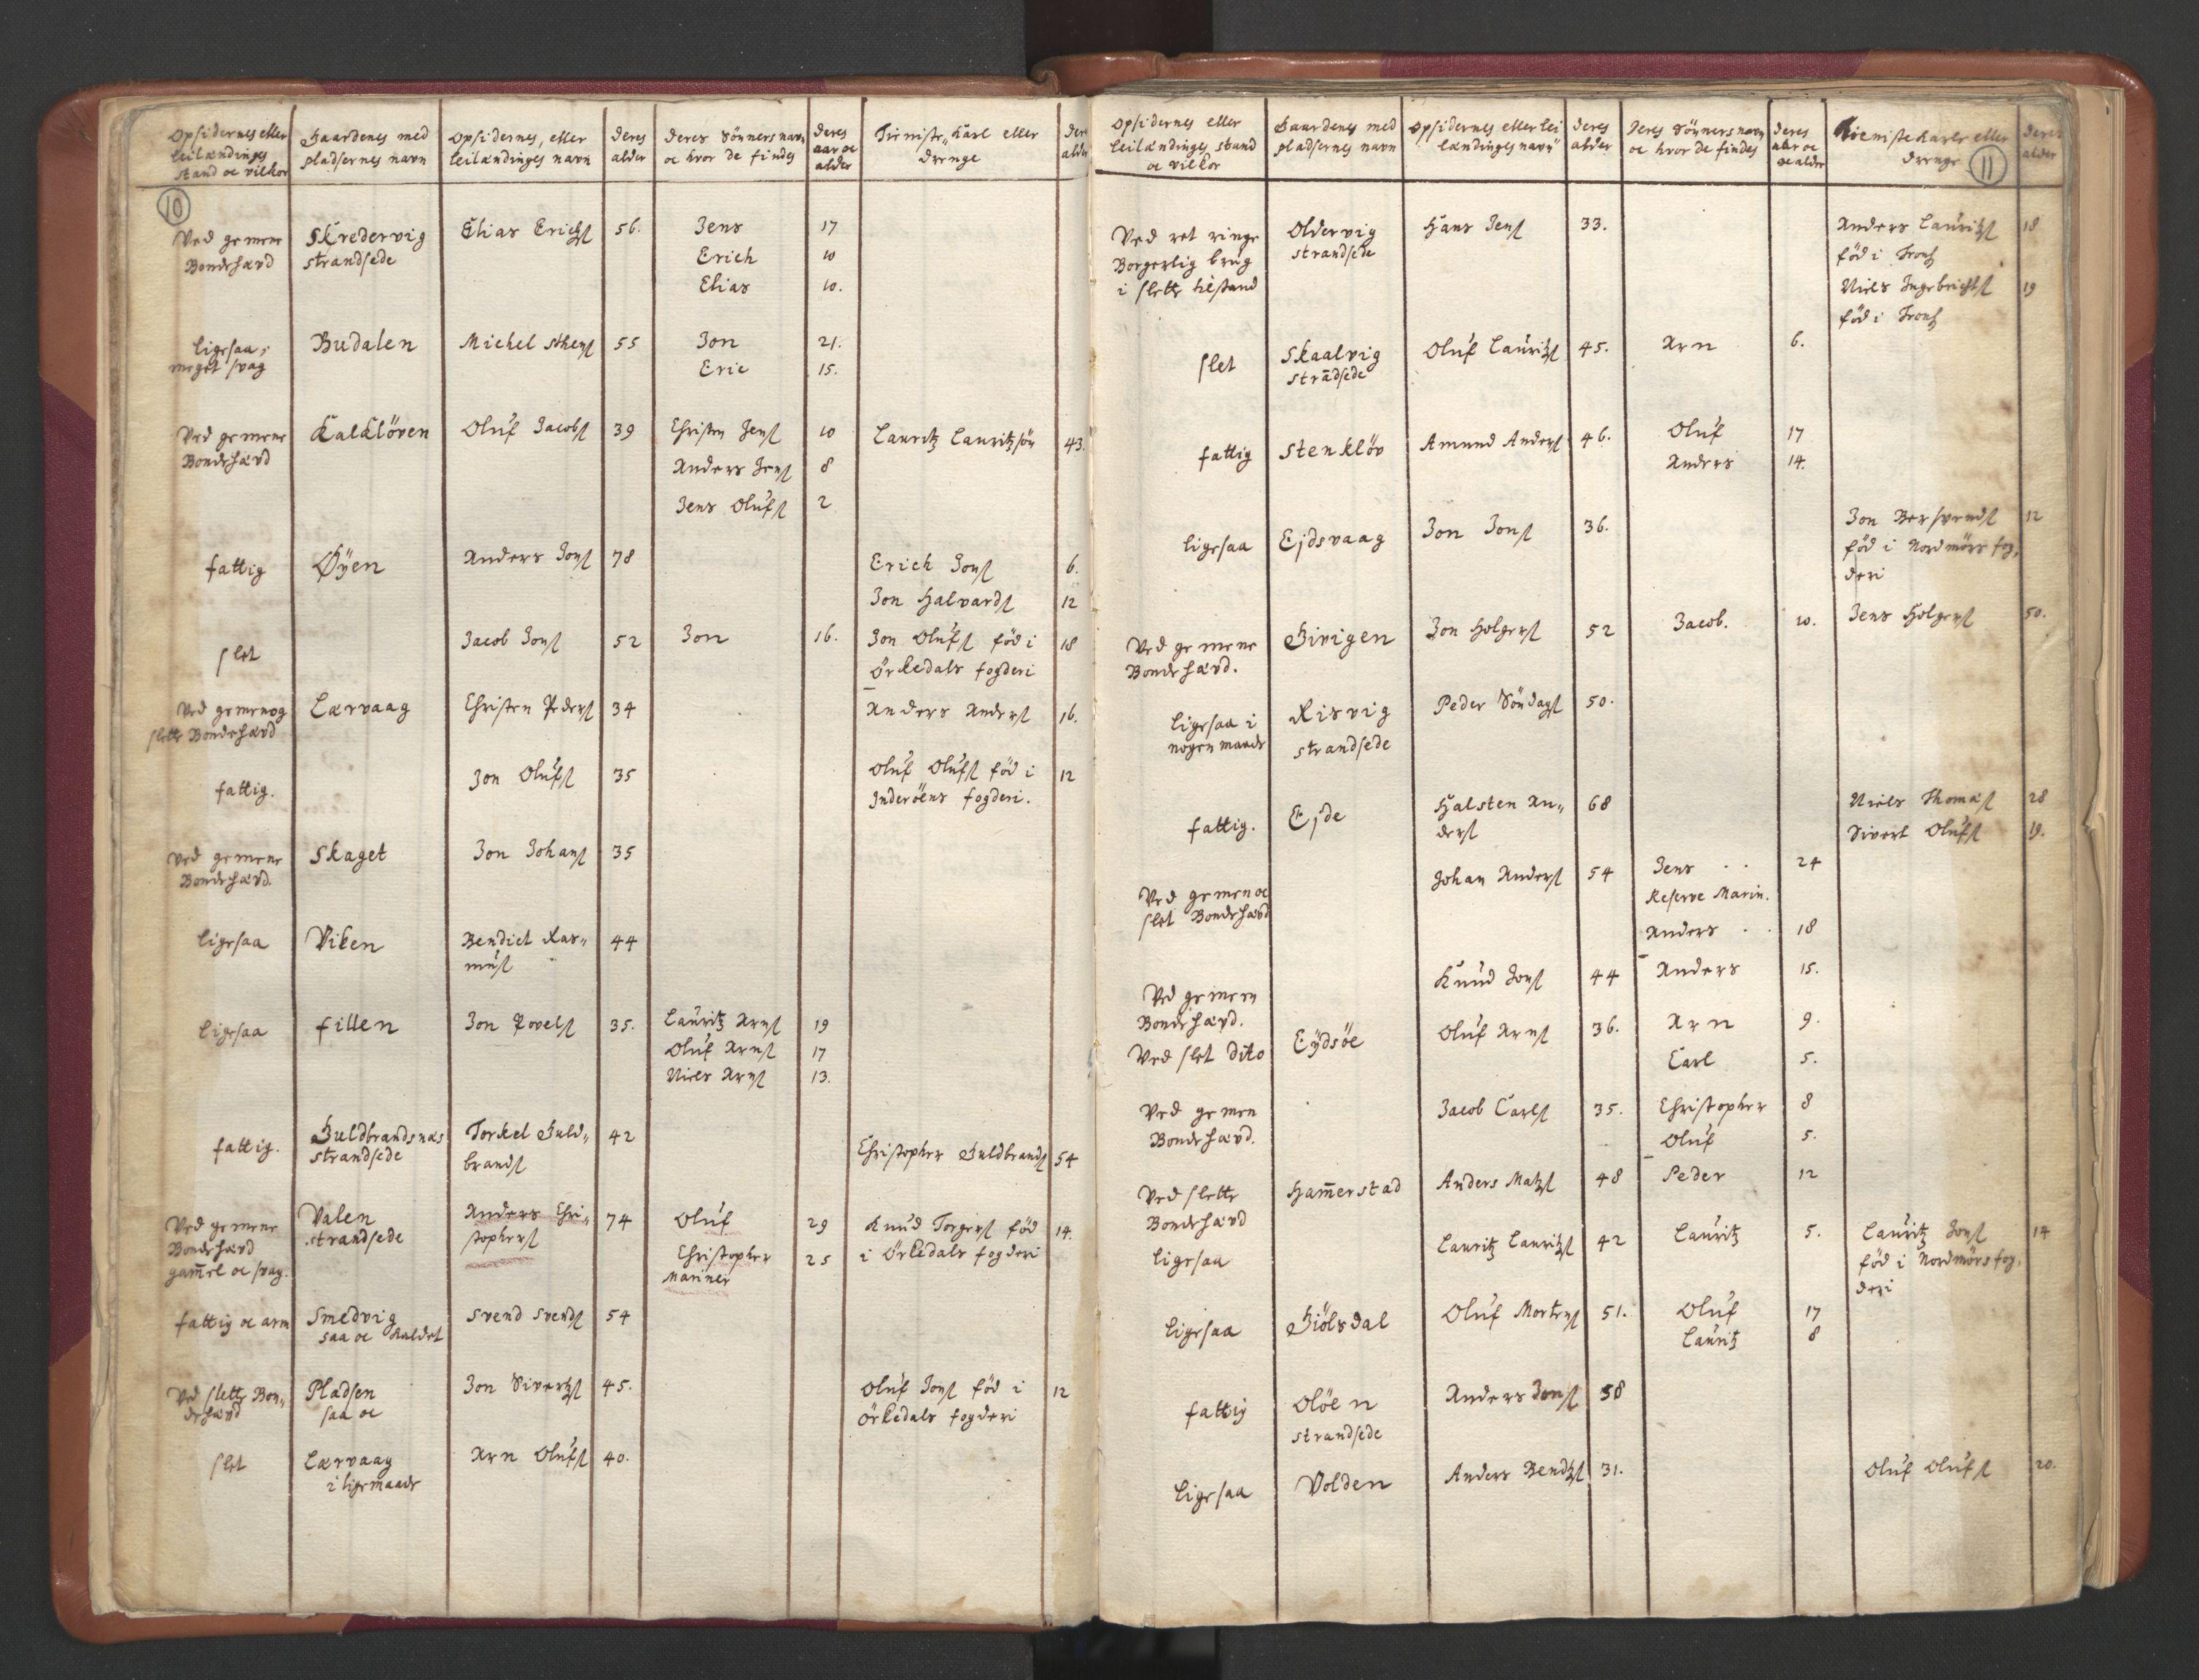 RA, Manntallet 1701, nr. 12: Fosen fogderi, 1701, s. 10-11